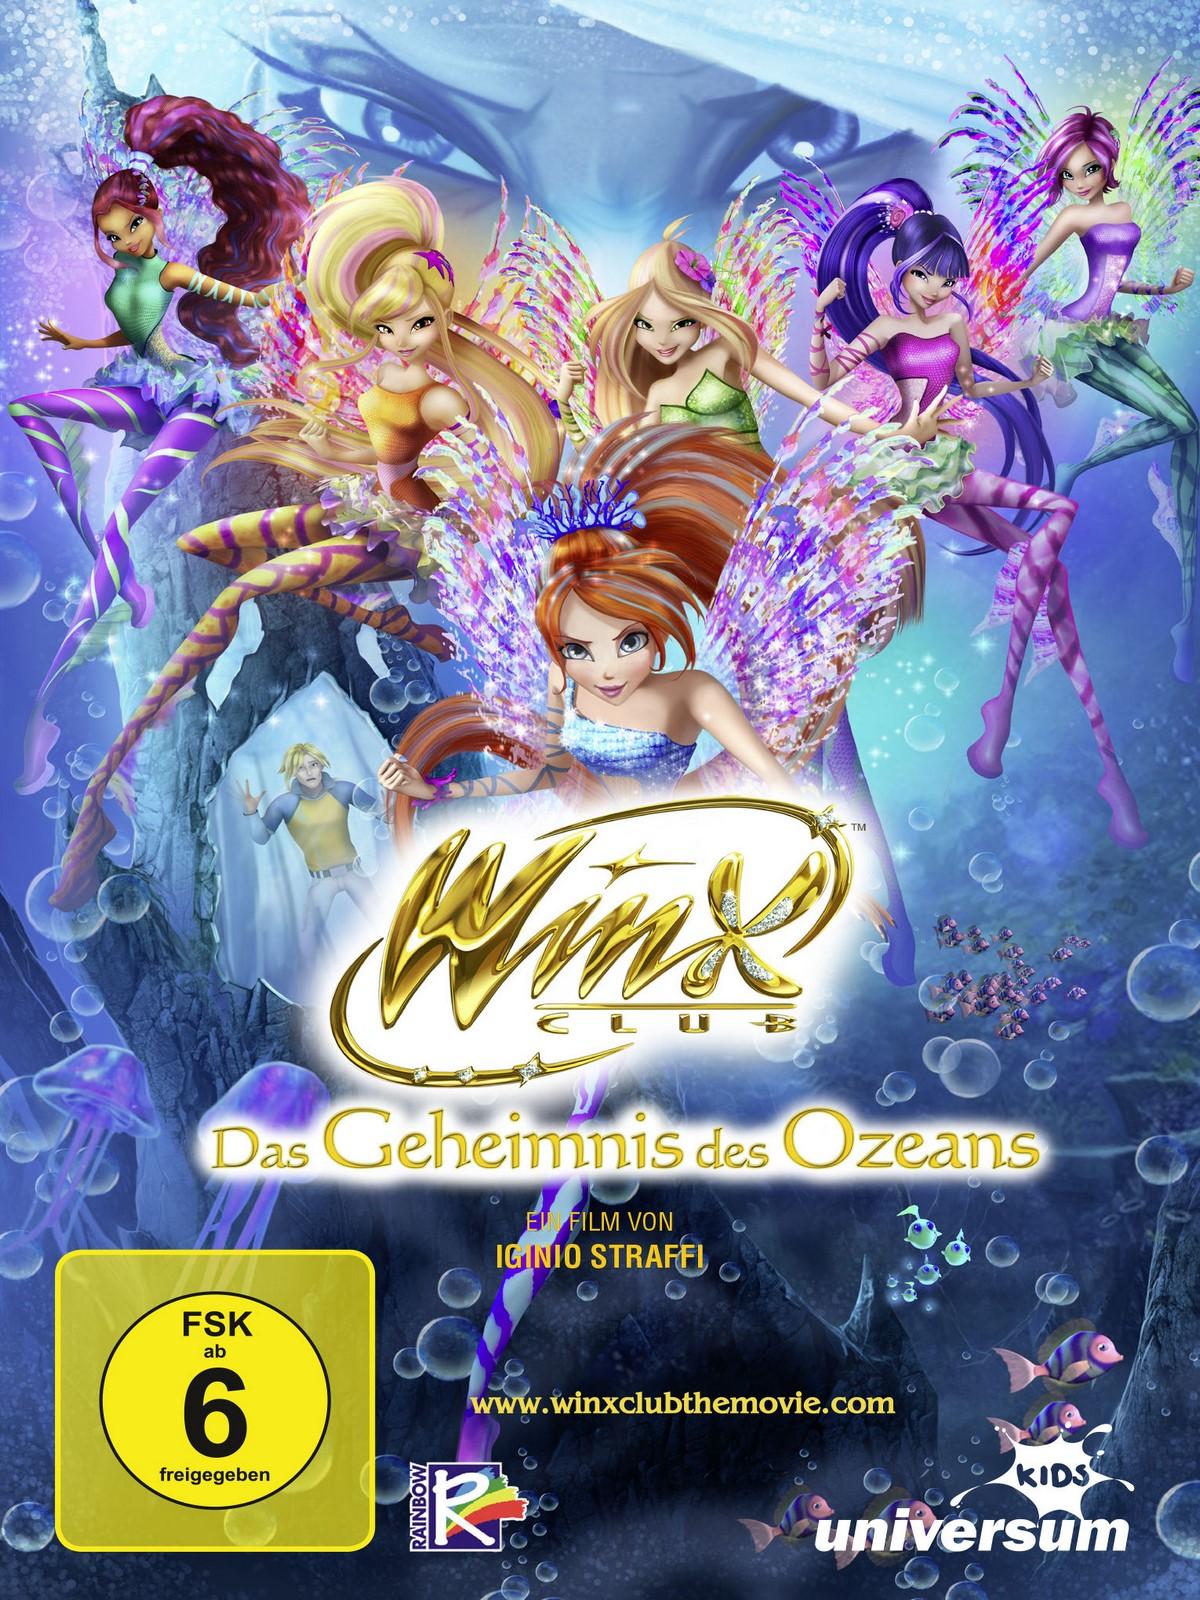 Winx Club Das Geheimnis Des Ozeans